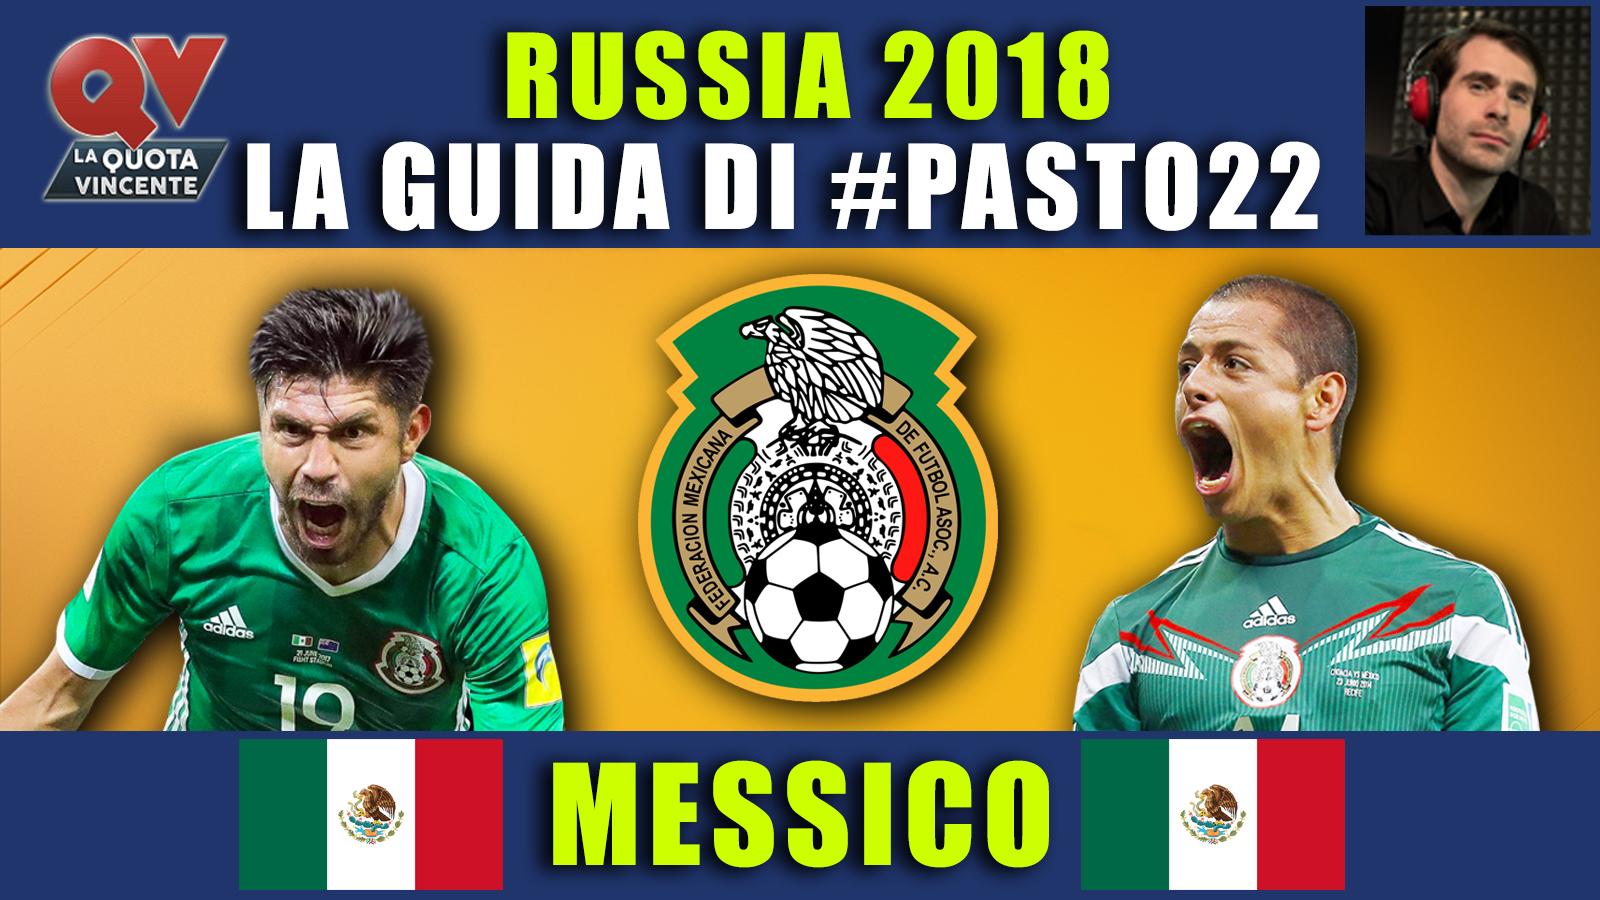 Guida Mondiali Russia 2018 Messico